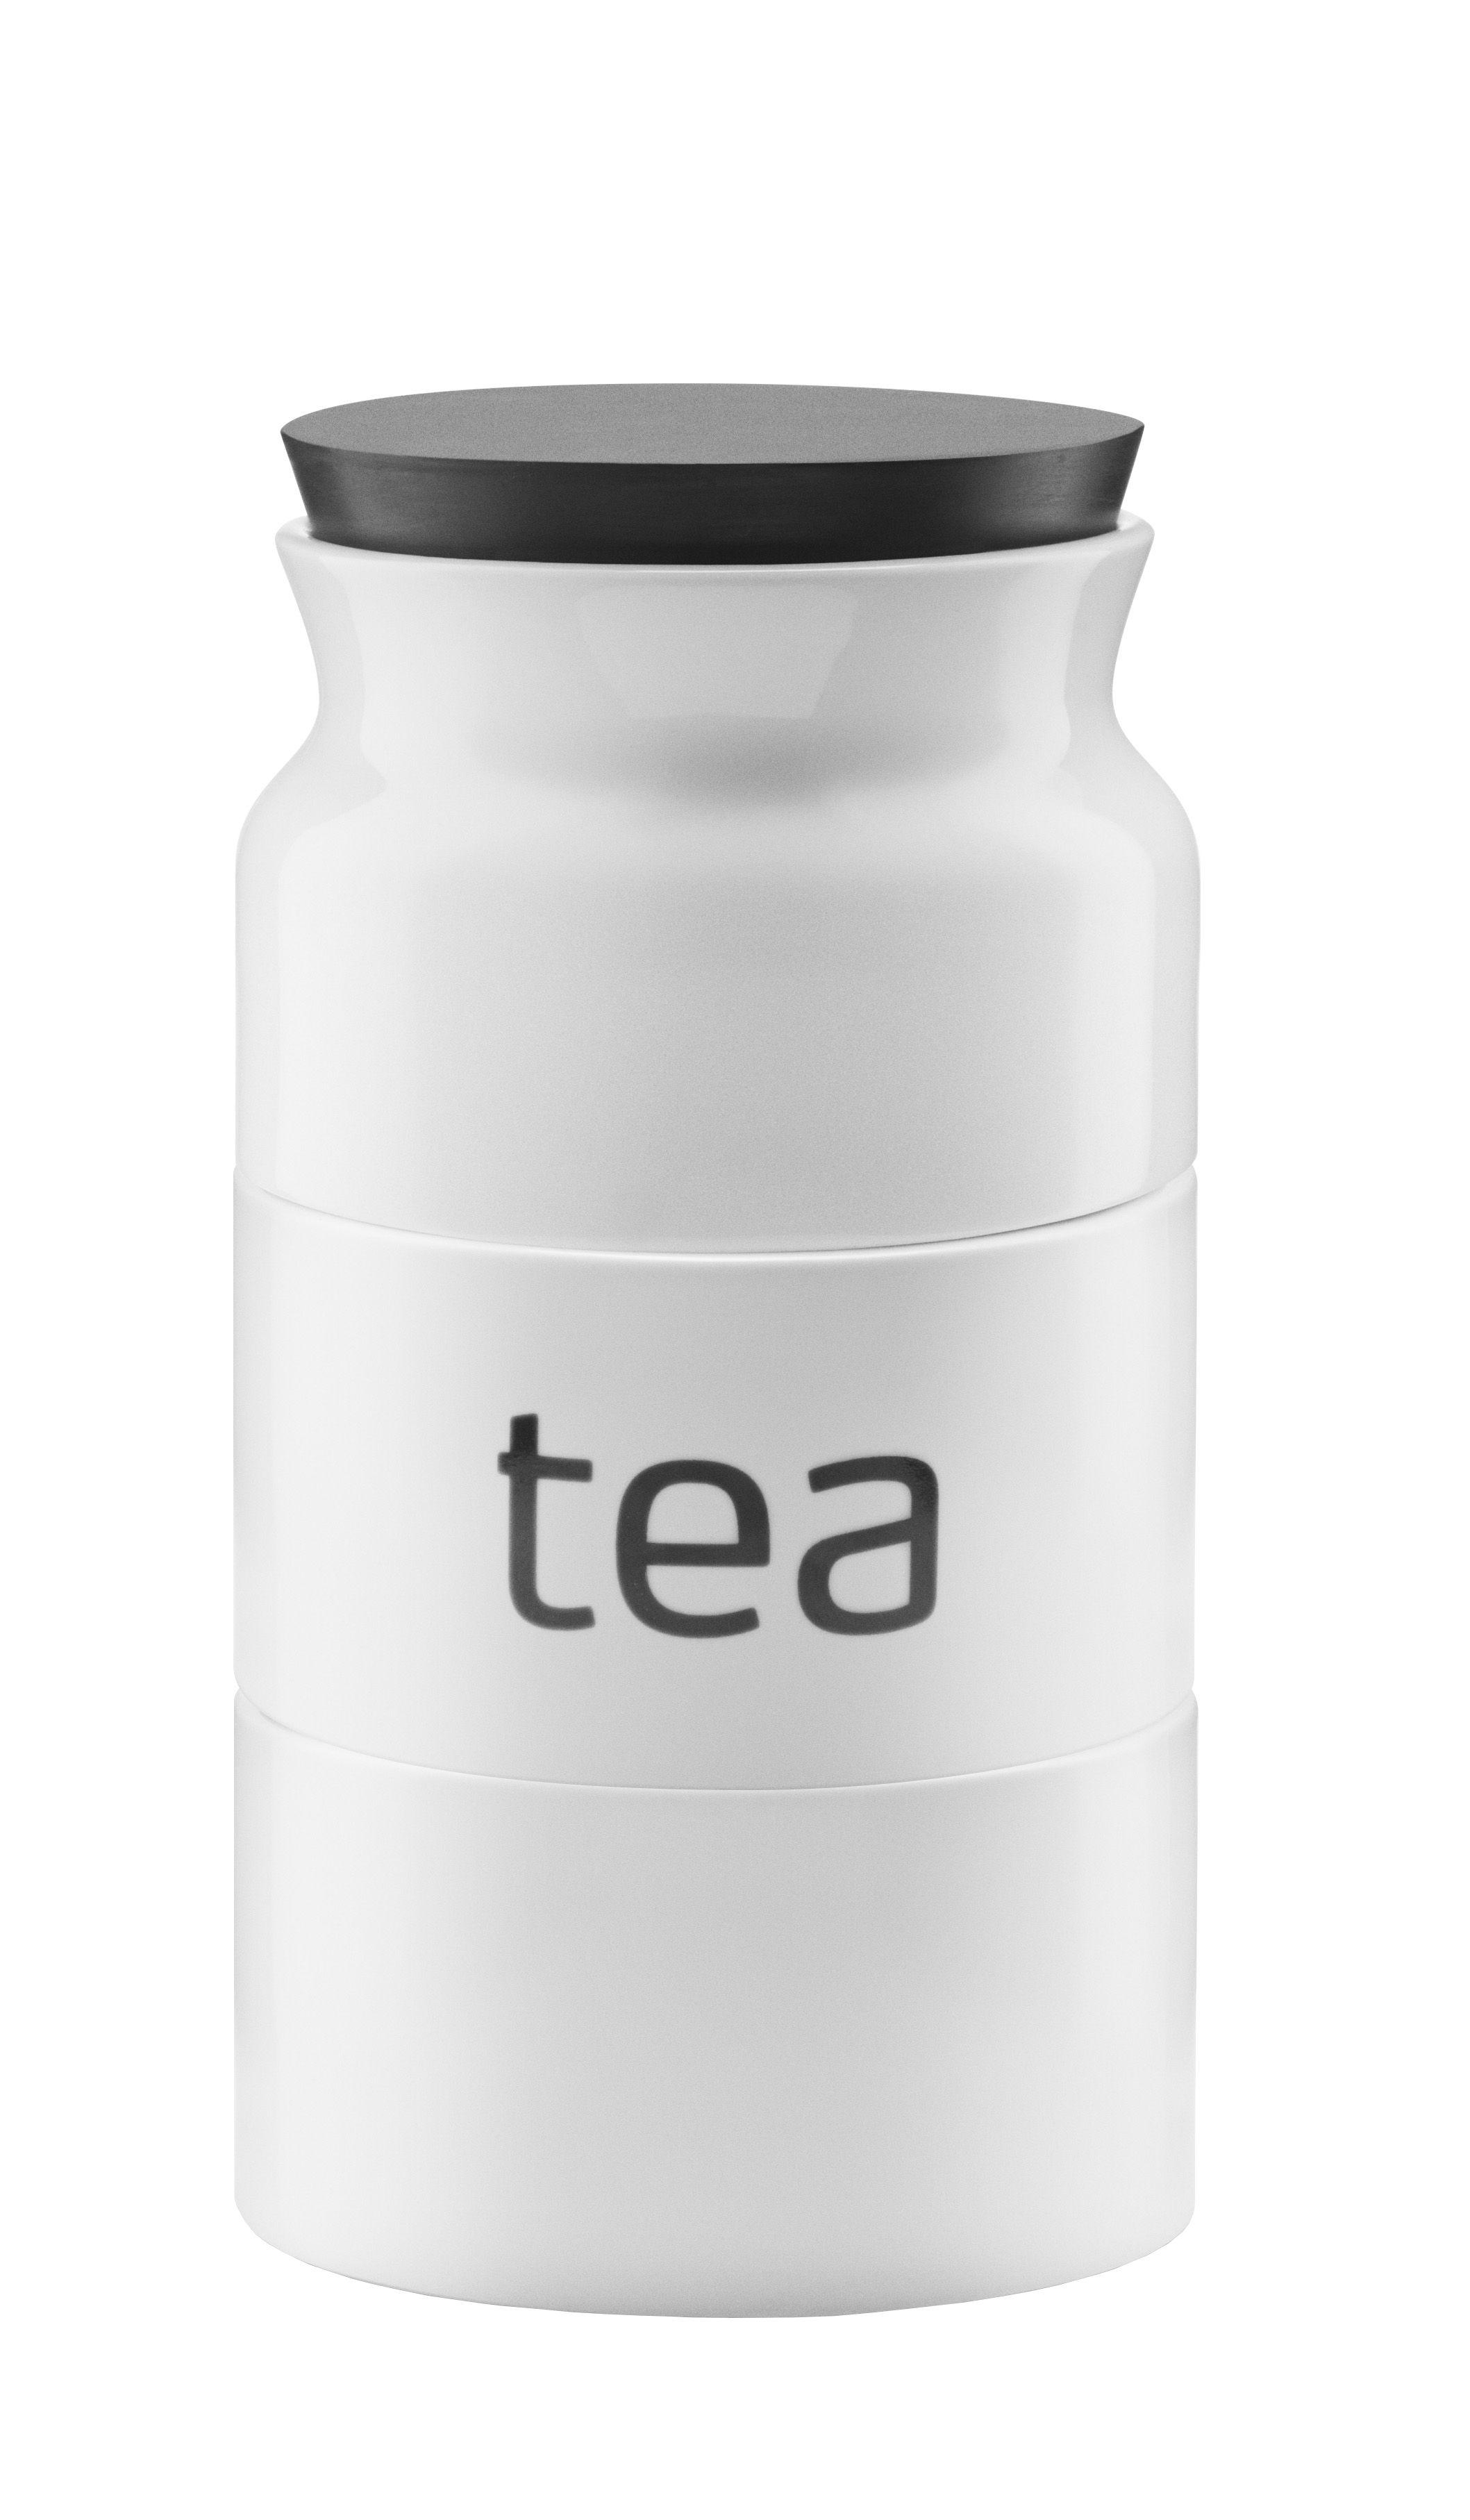 Arts de la table - Thé et café - Boîte à thé Tower / 3 compartiments - Eva Solo - Blanc - Porcelaine, Silicone